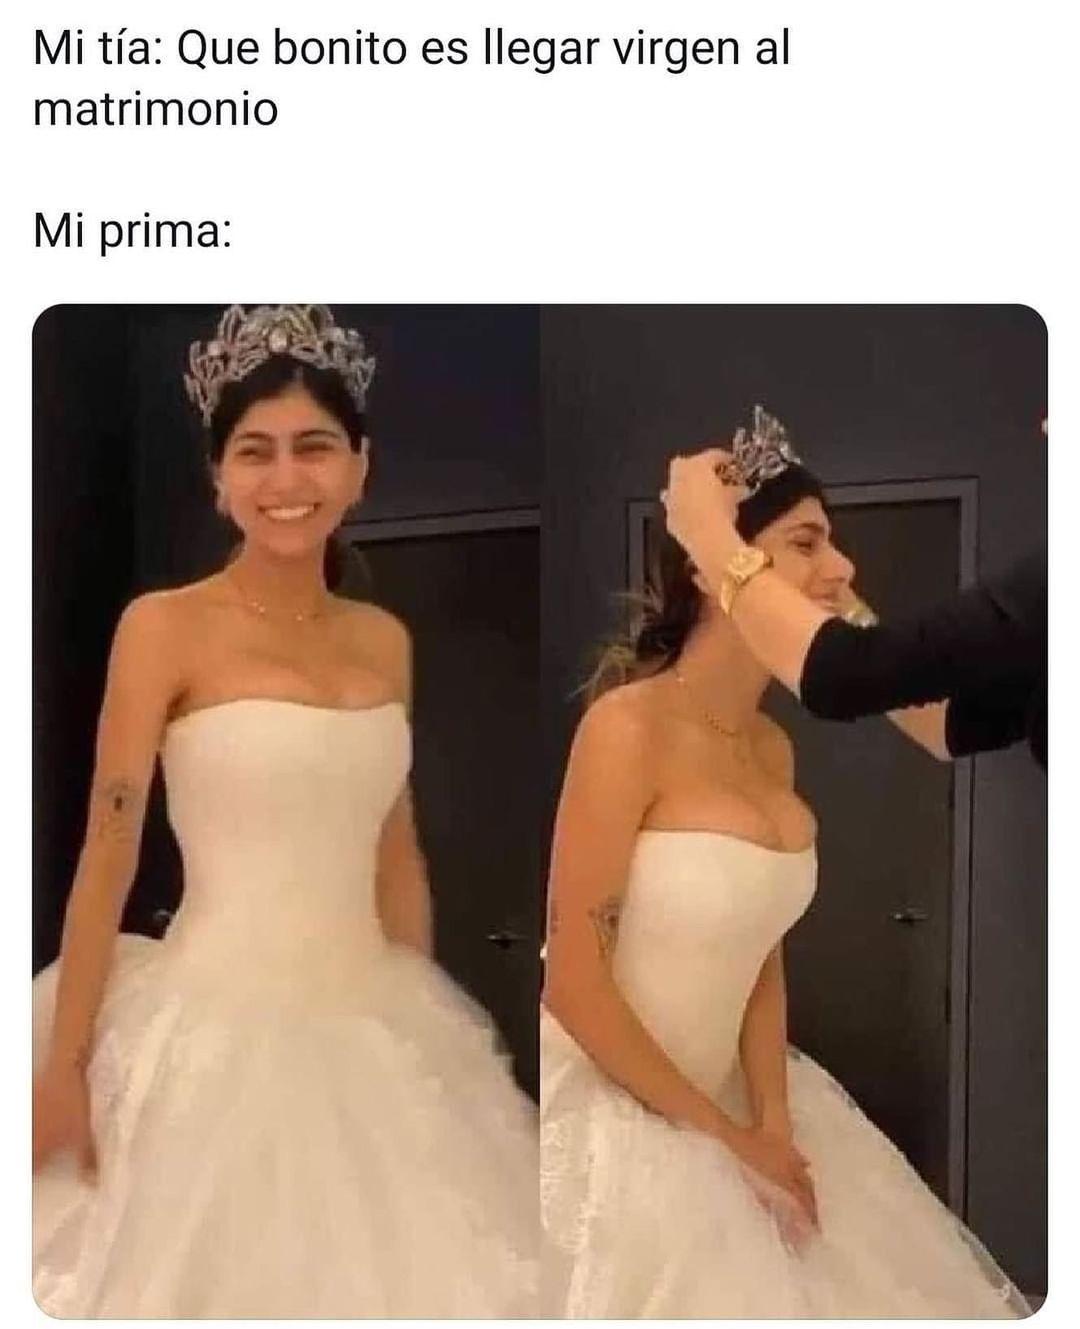 Mi tía: Que bonito es llegar virgen al matrimonio.  Mi prima: